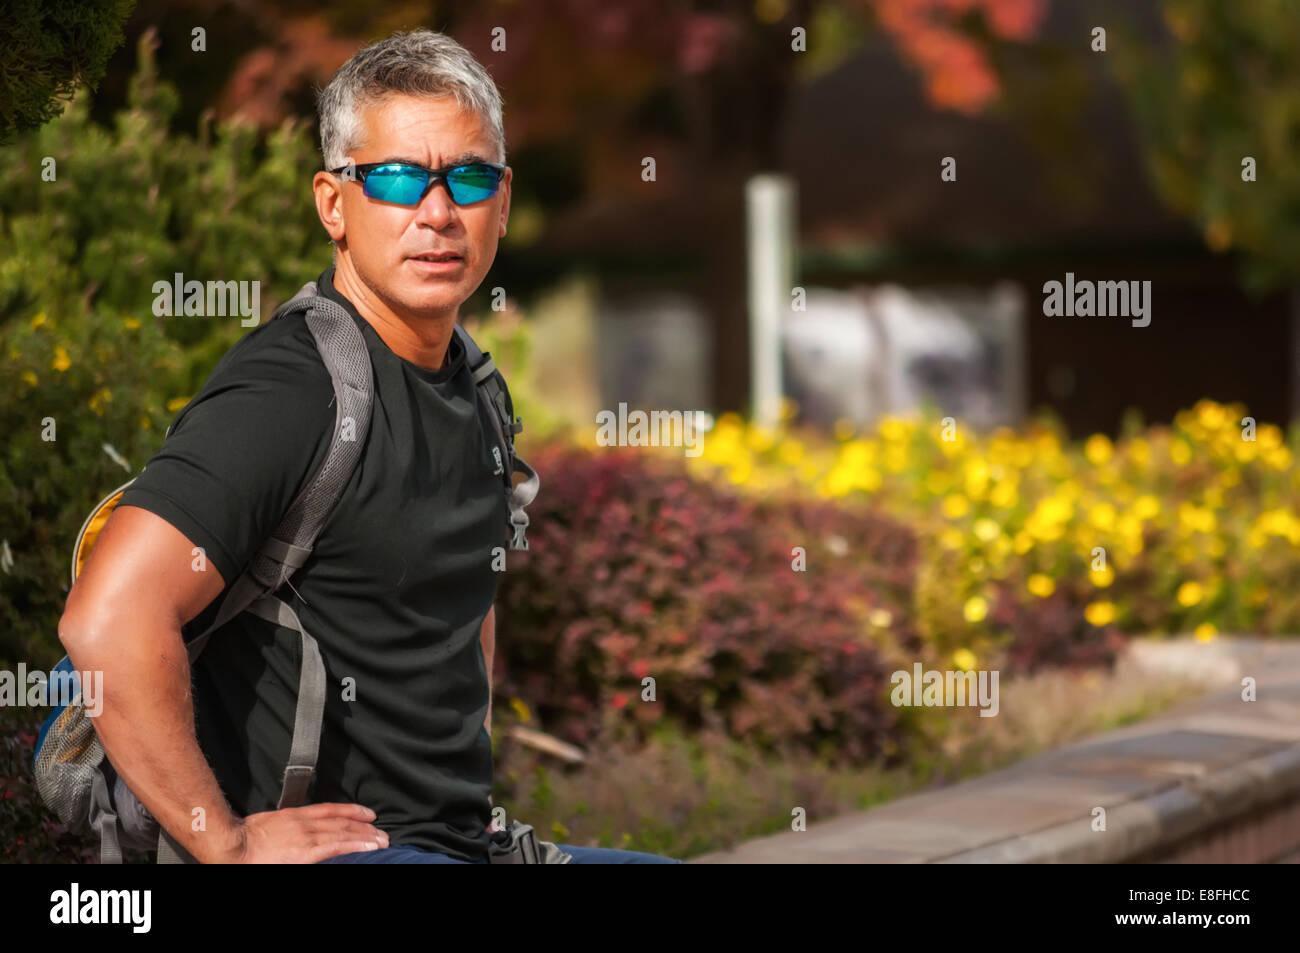 Estados Unidos, Idaho, Ada County, Boise, Retrato del hombre atlético con gafas de sol Imagen De Stock